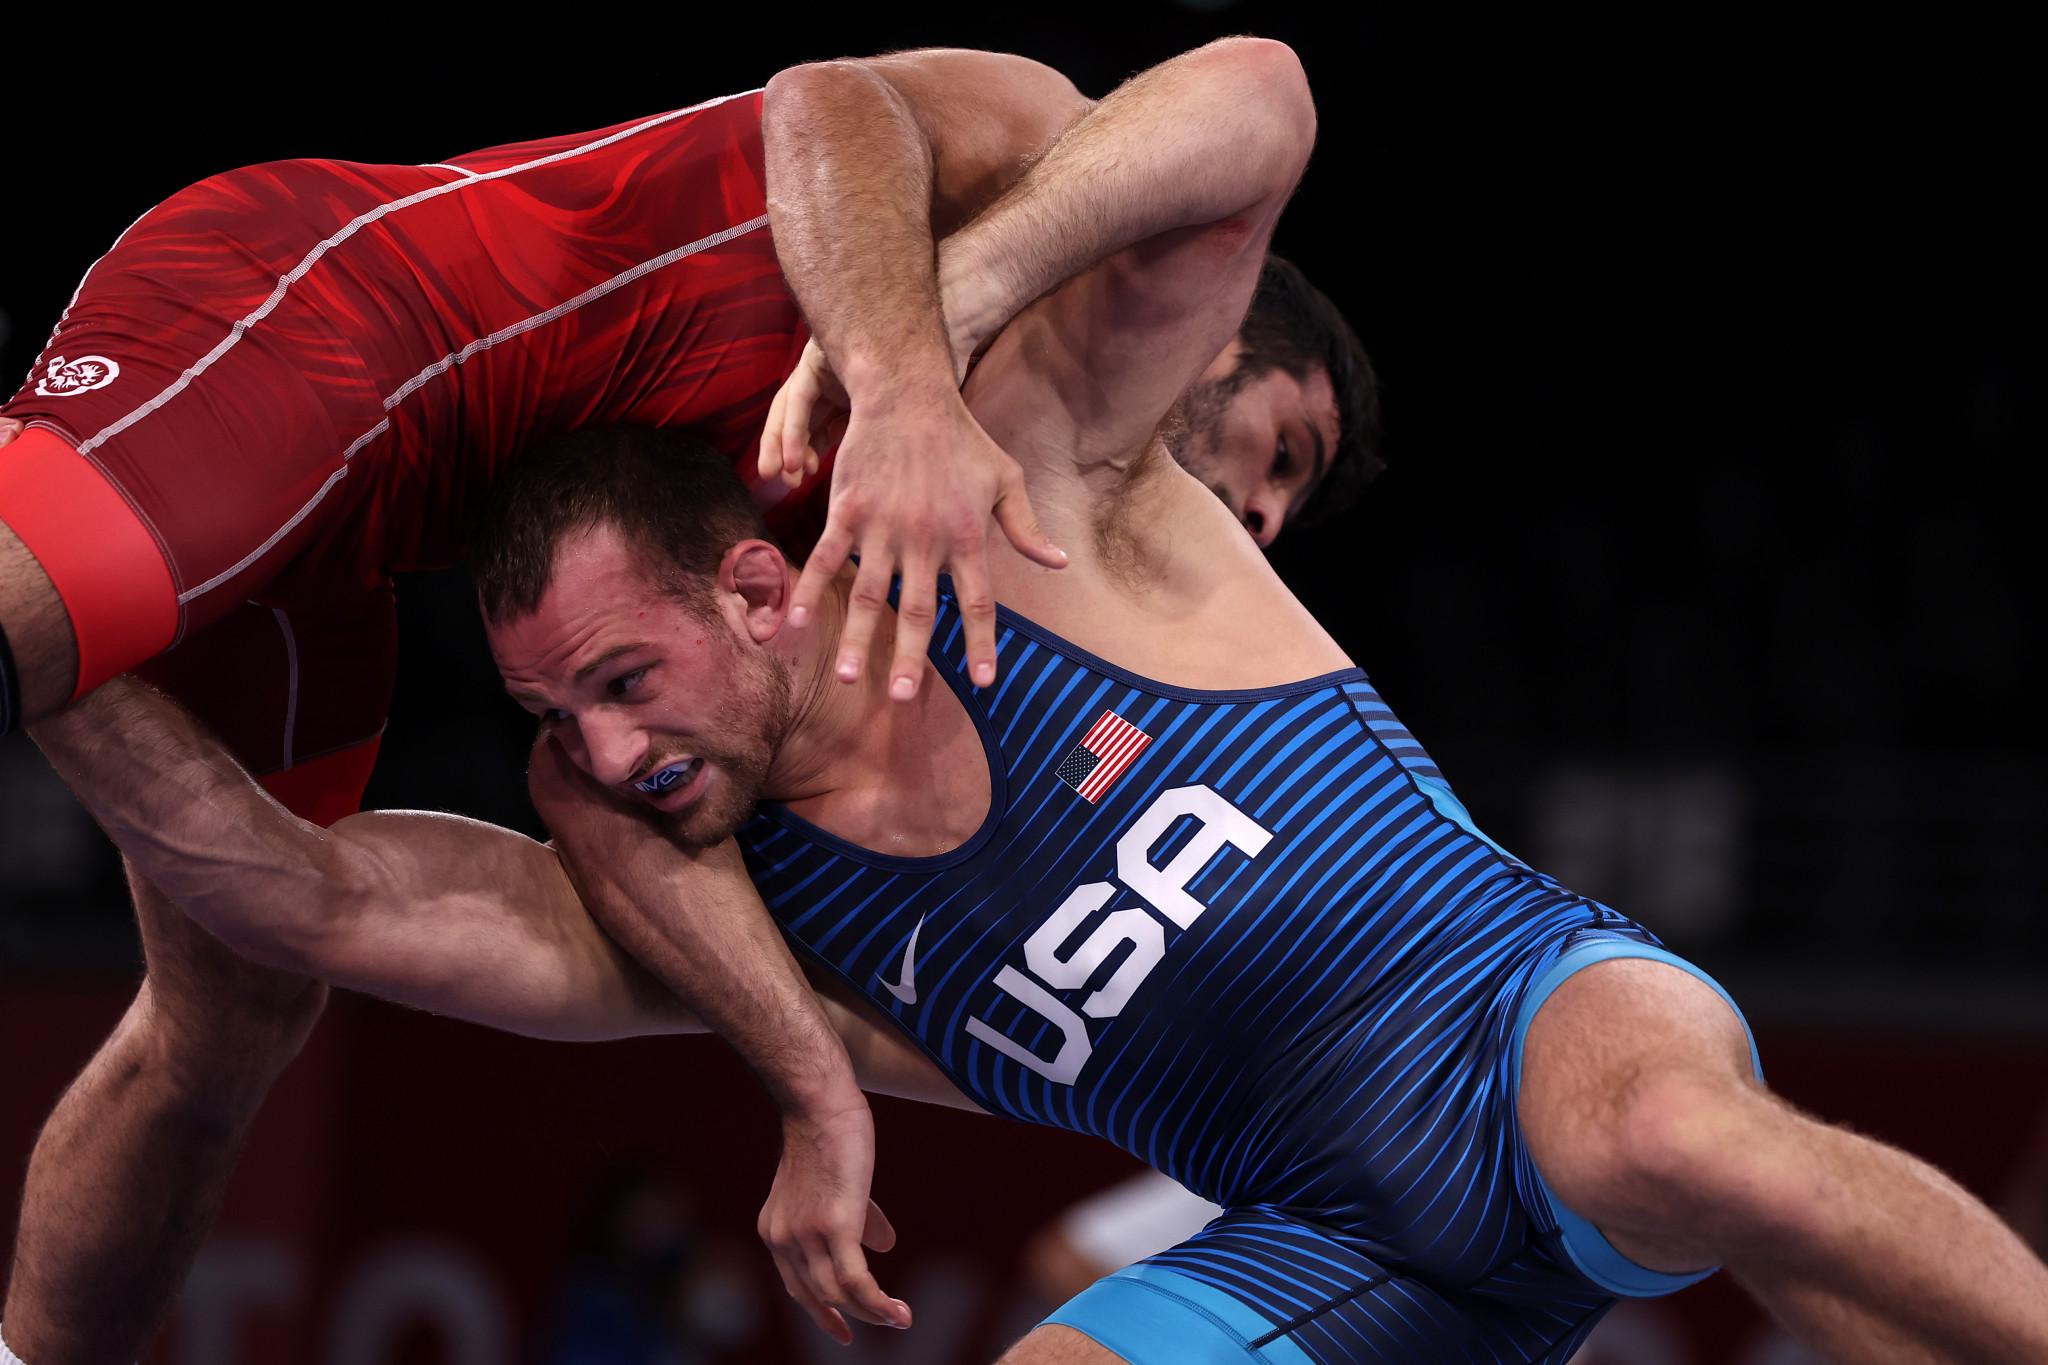 Yazdanicharati wins Olympic final rematch at Wrestling World Championships